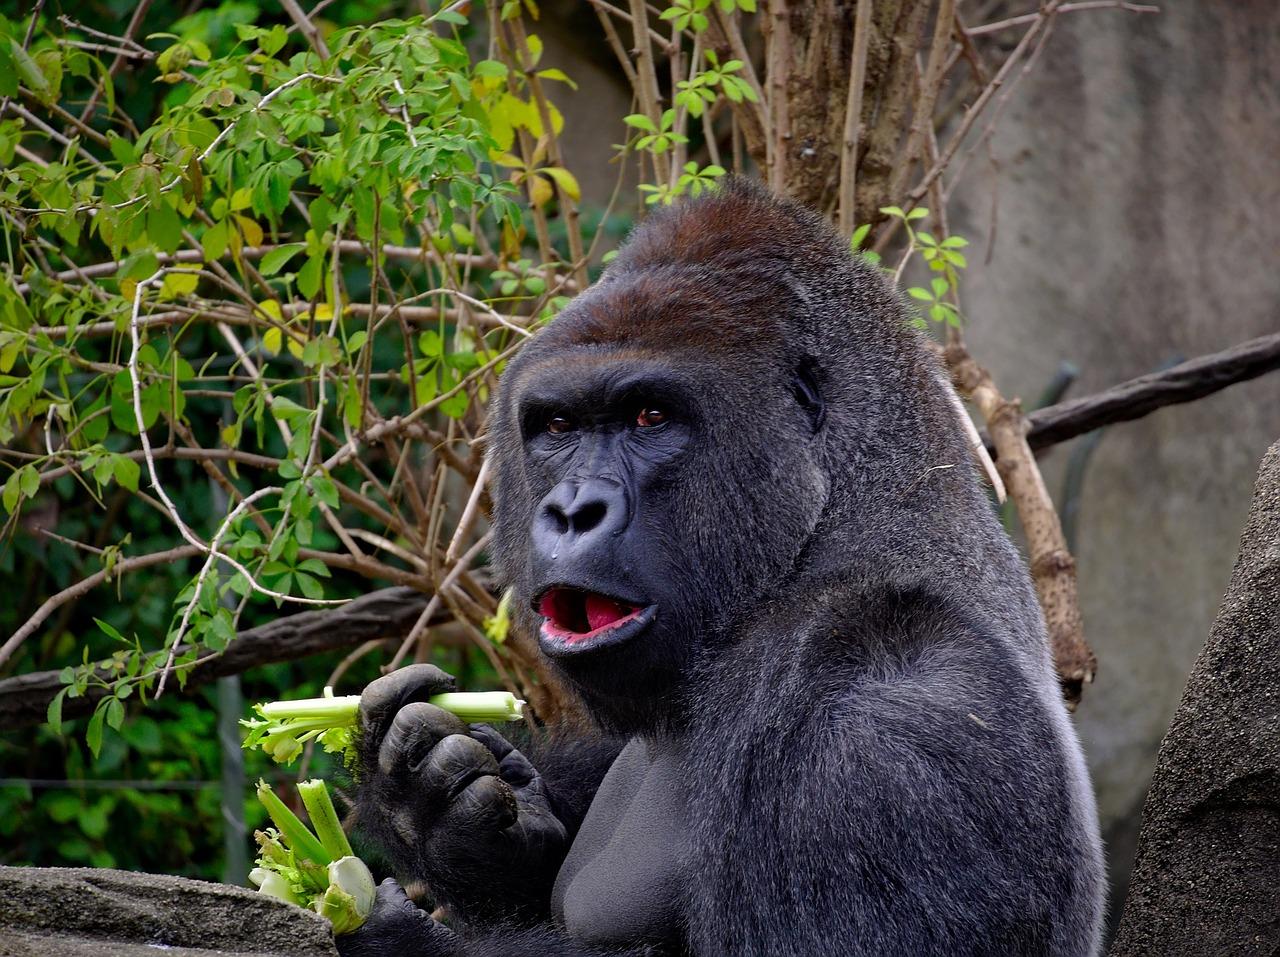 Ein Gorilla frisst Blätter - Gorillas sind reine Vegetarier